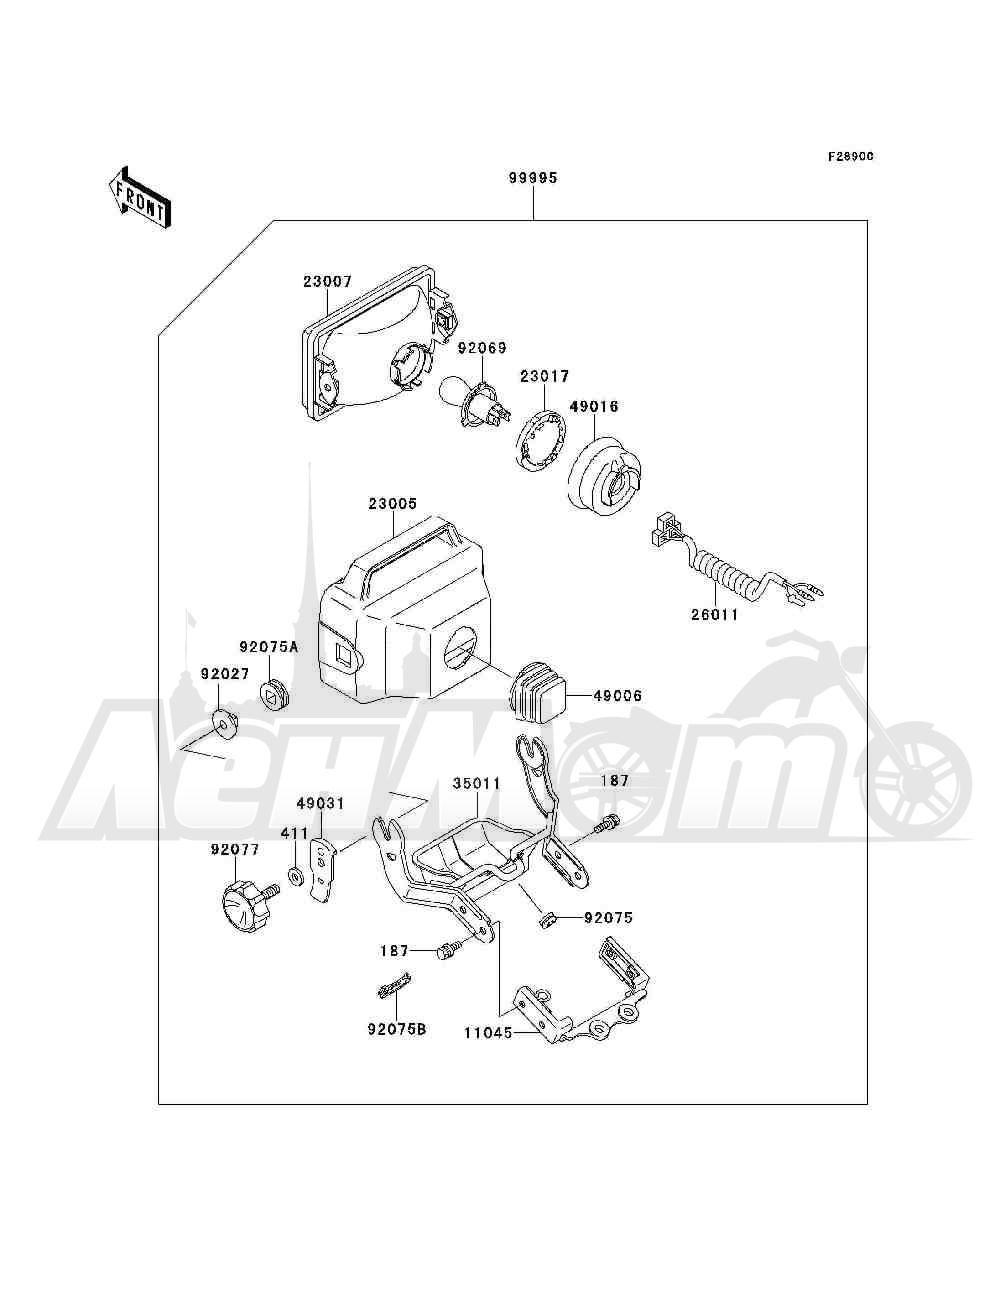 Запчасти для Квадроцикла Kawasaki 1993 BAYOU 300 4X4 (KLF300-C5) Раздел: OPTIONAL PARTS(HEADLIGHT) | опционально детали (передняя фара)